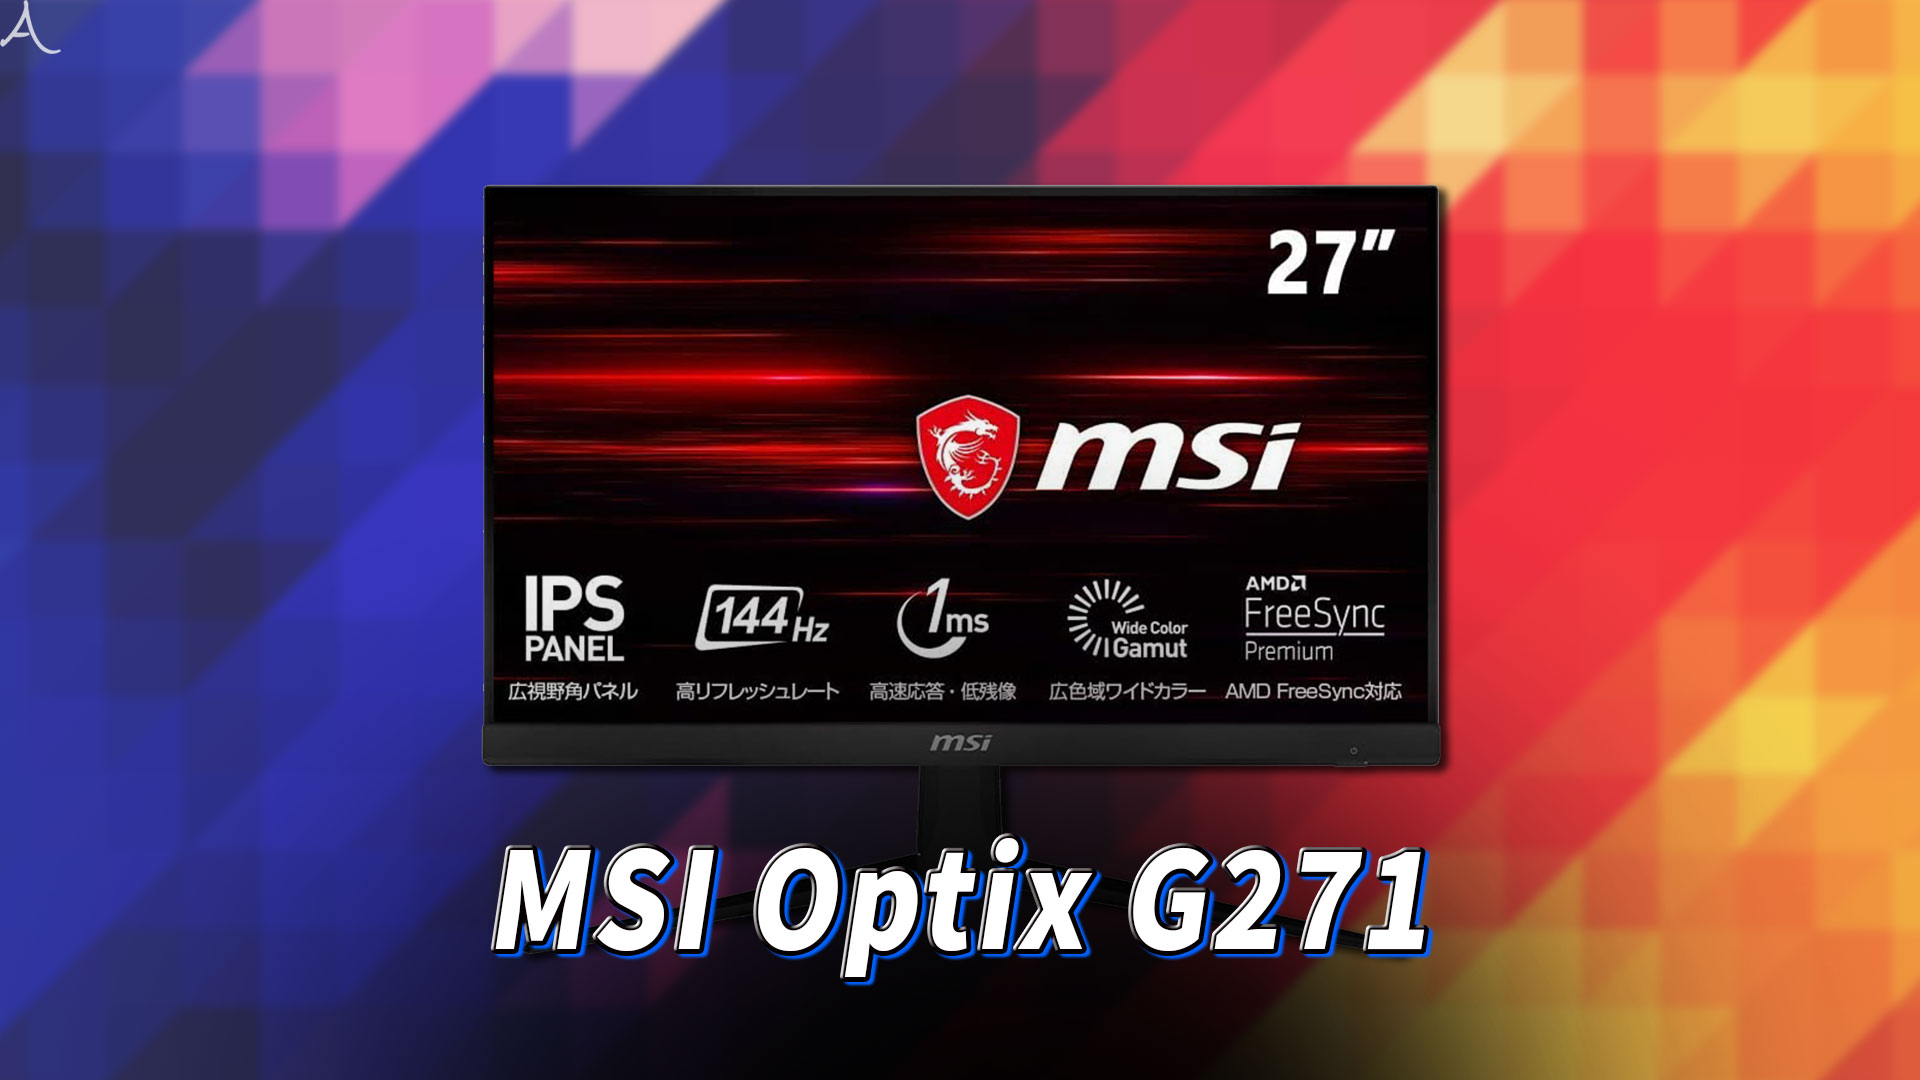 「MSI Optix G271」ってモニターアーム使えるの?VESAサイズやおすすめアームはどれ?